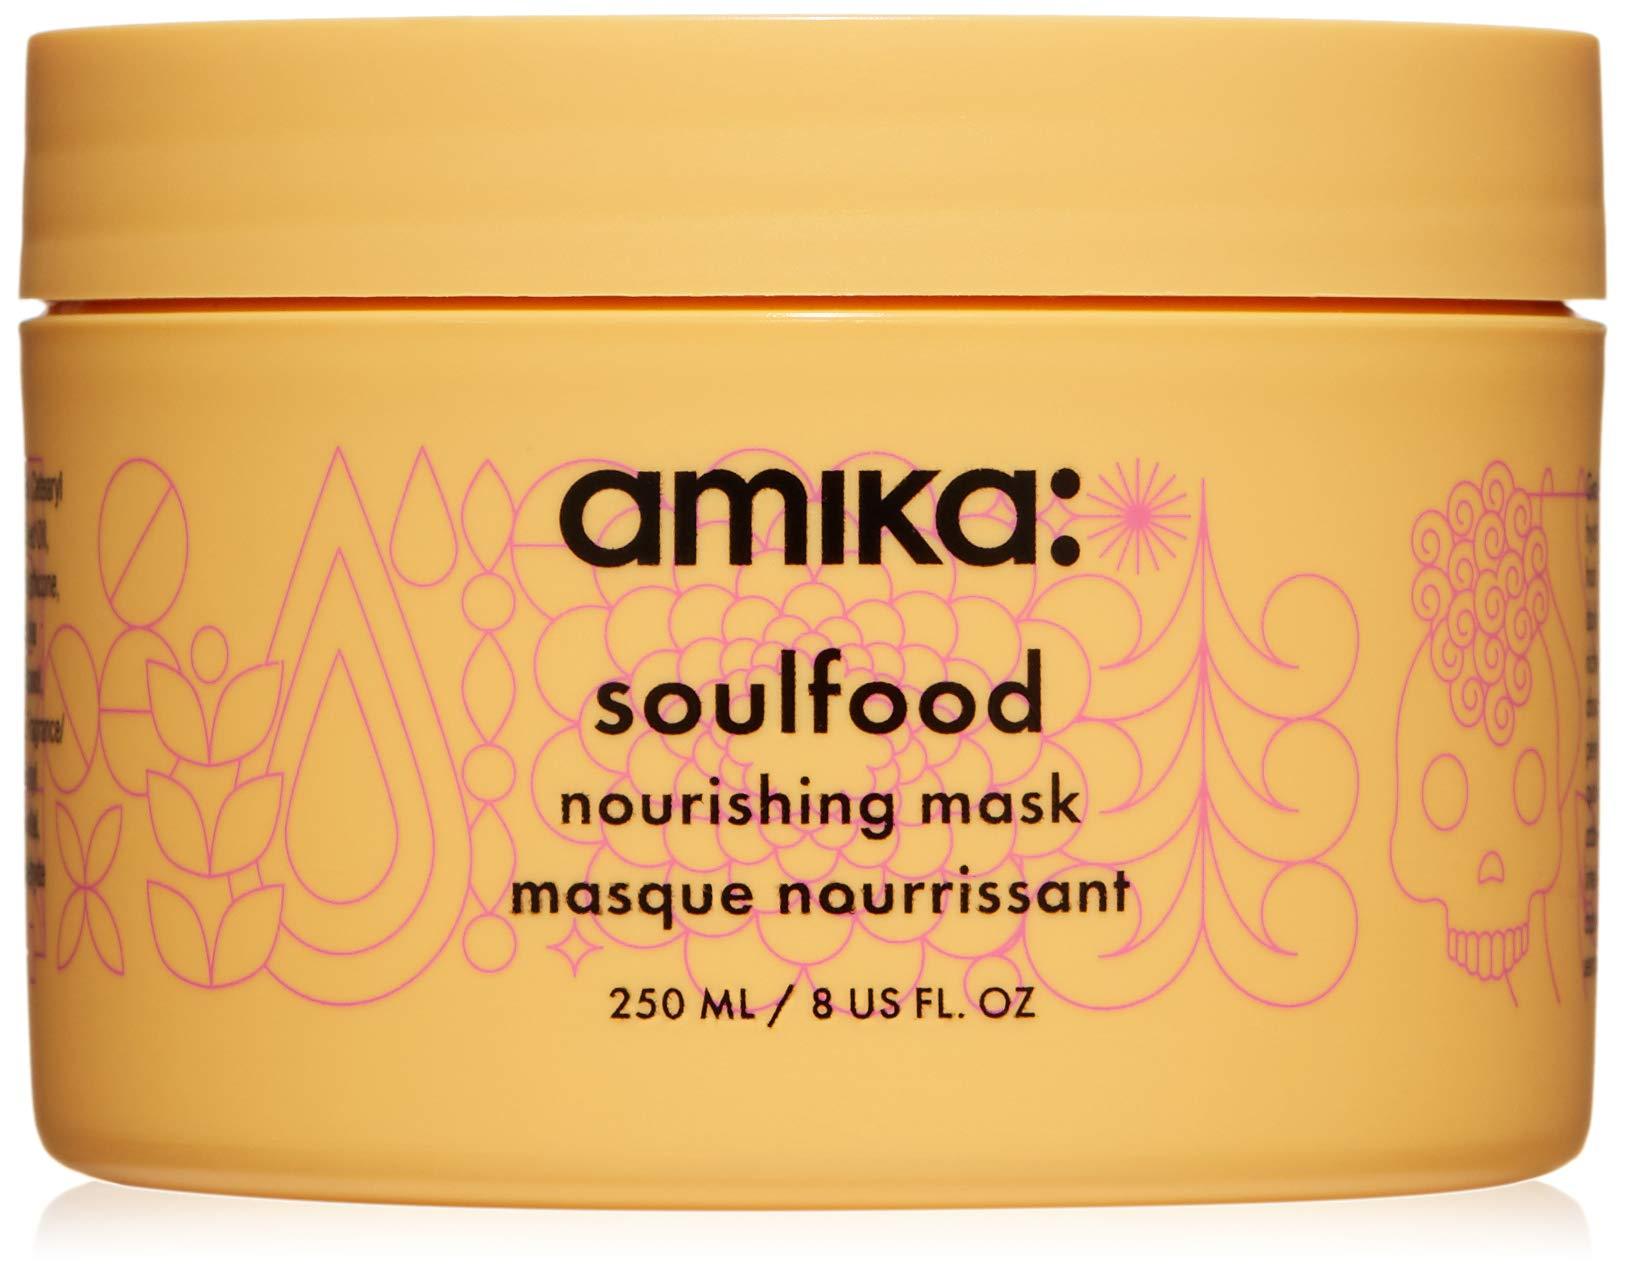 amika Soulfood Nourishing Mask by amika